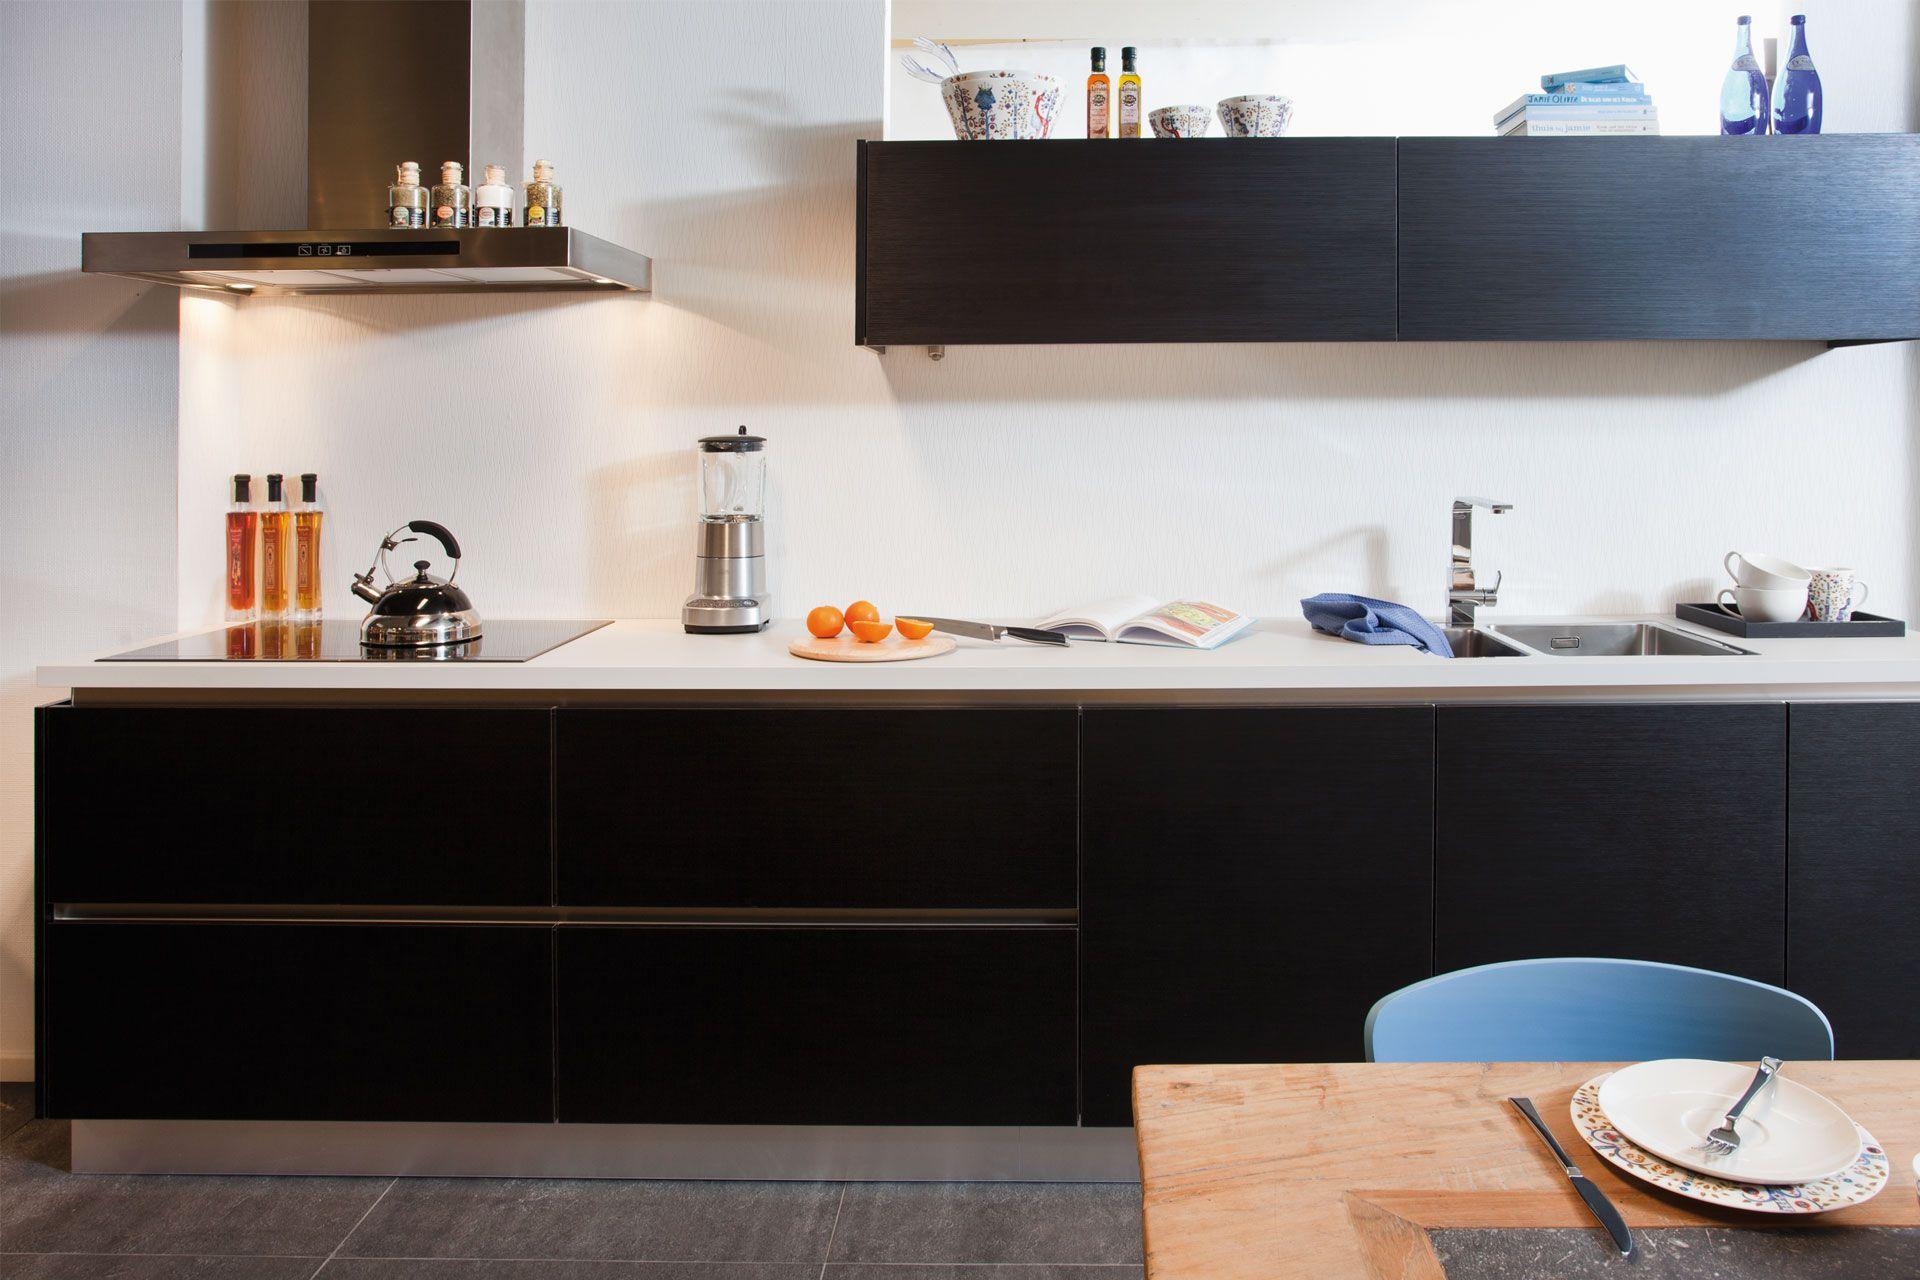 Keukenprijs altijd de beste keukenprijs greeploos moderne keuken 48767 - Afbeelding moderne keuken ...